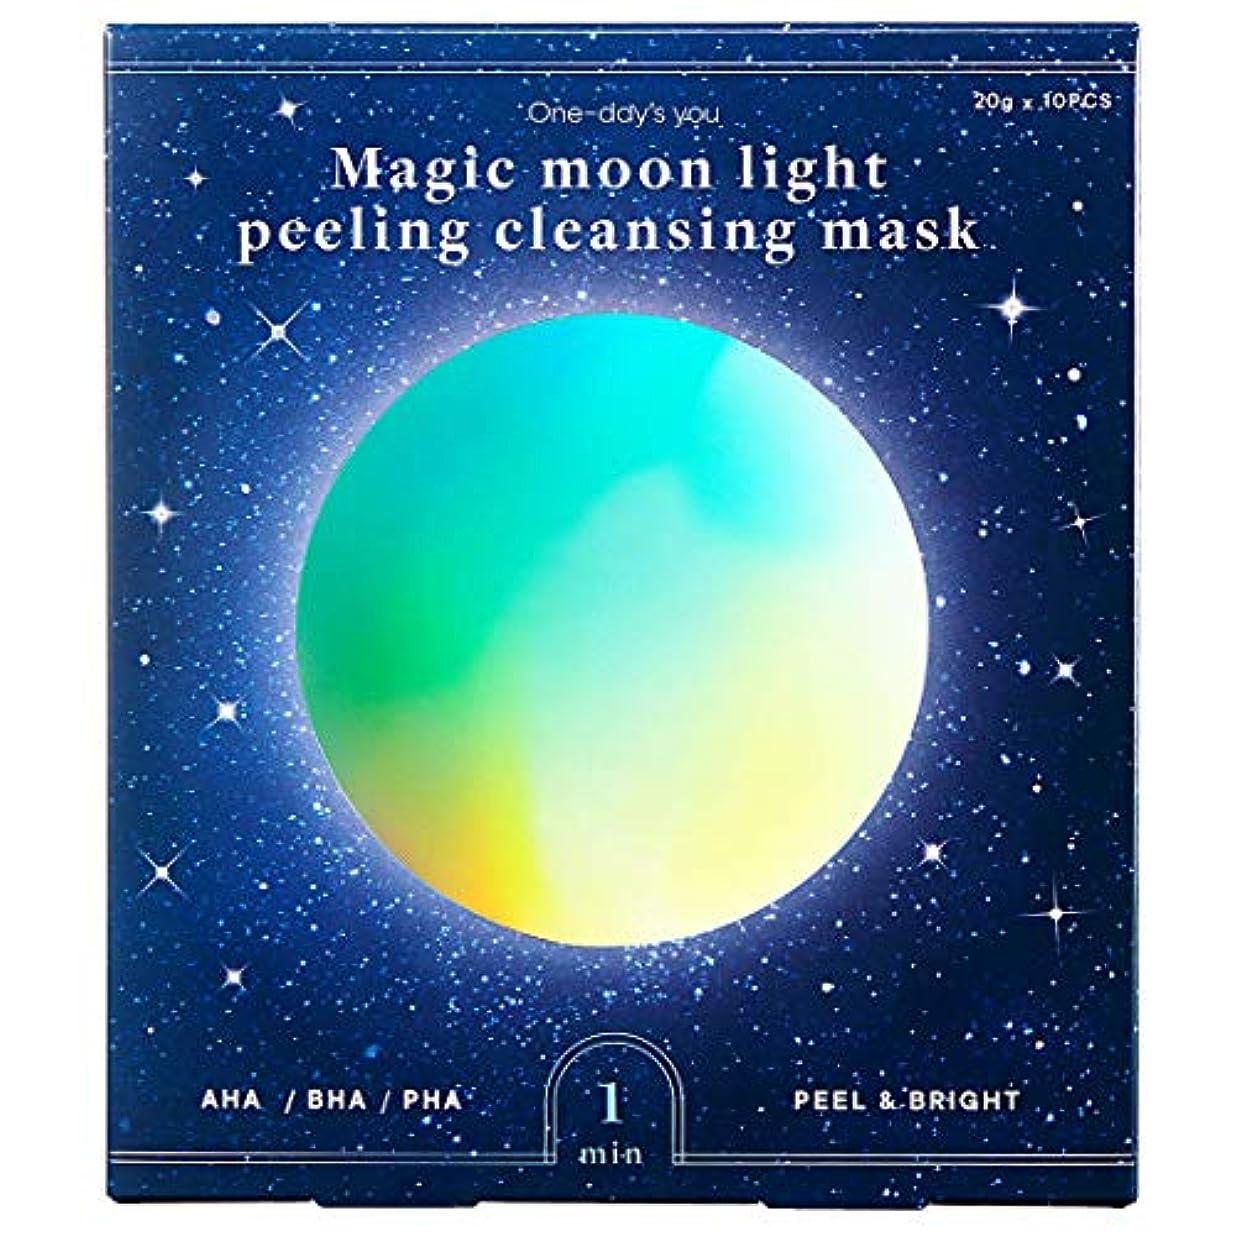 弾薬同一の無意識One day's you [ワンデイズユー ] マジック ムーンライト ピーリング クレンジング マスク/Magic Moonlight Peeling Cleansing Mask (20g*10ea) [並行輸入品]